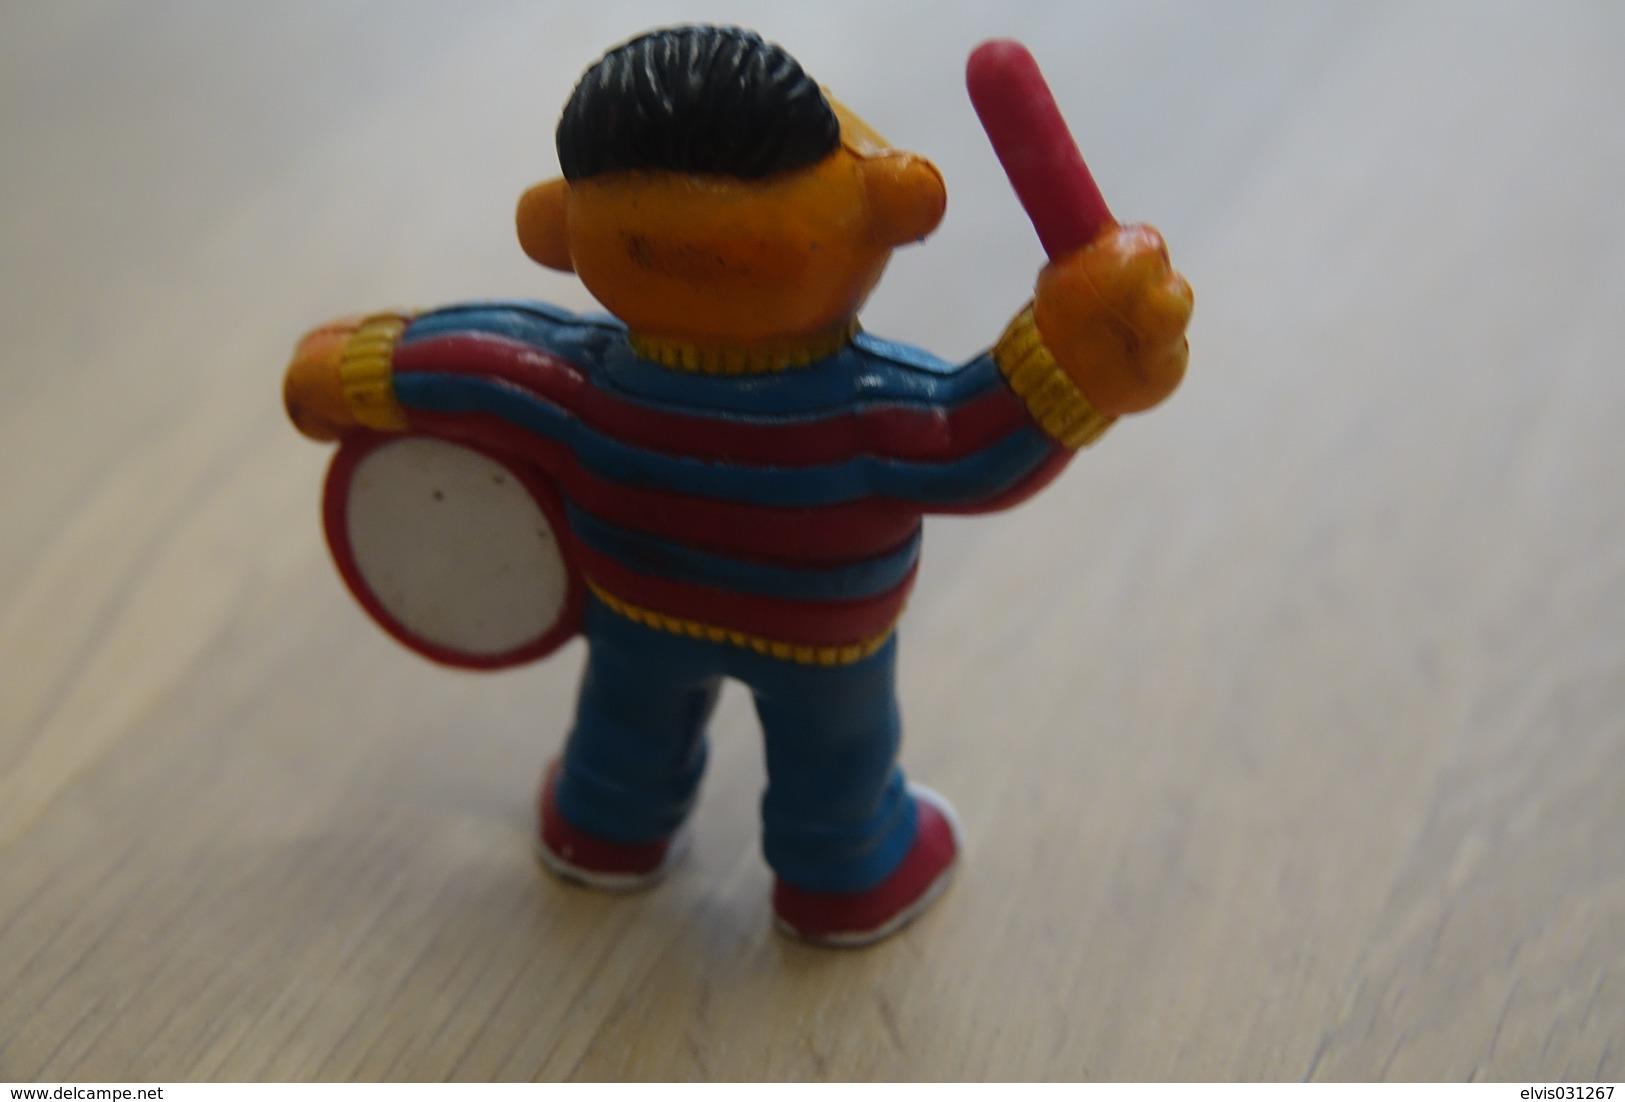 Vintage FIGURE : SESAMI STREET TARA TOYS ERNIE With Drum - 1982 - RaRe  - Figuur - Figurines